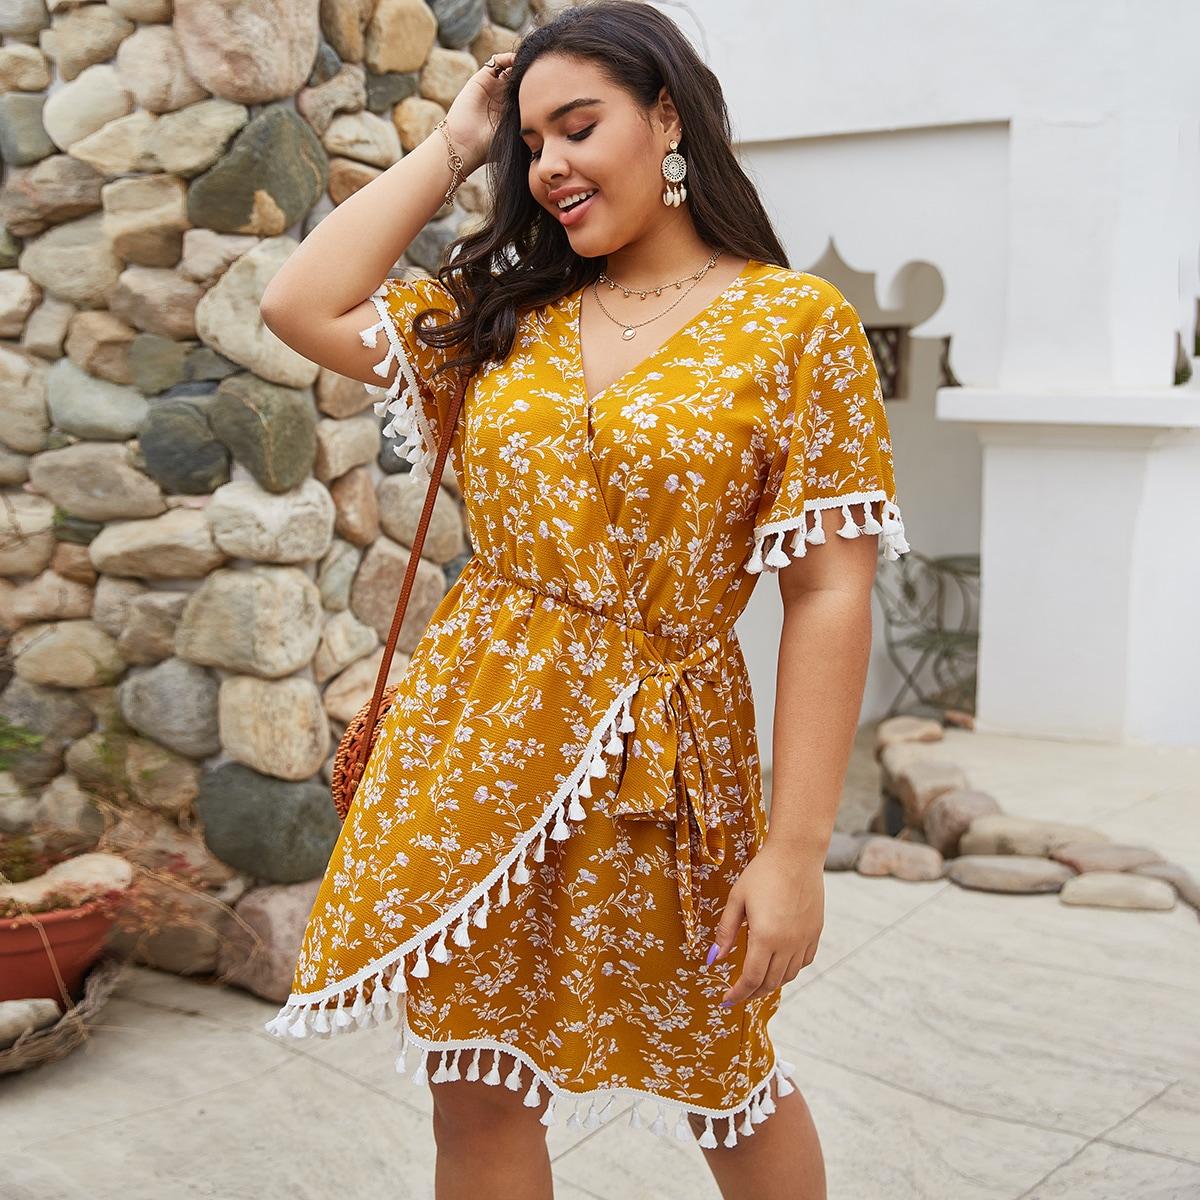 Платье размера плюс с цветочным принтом, v-образным вырезом и бахромой